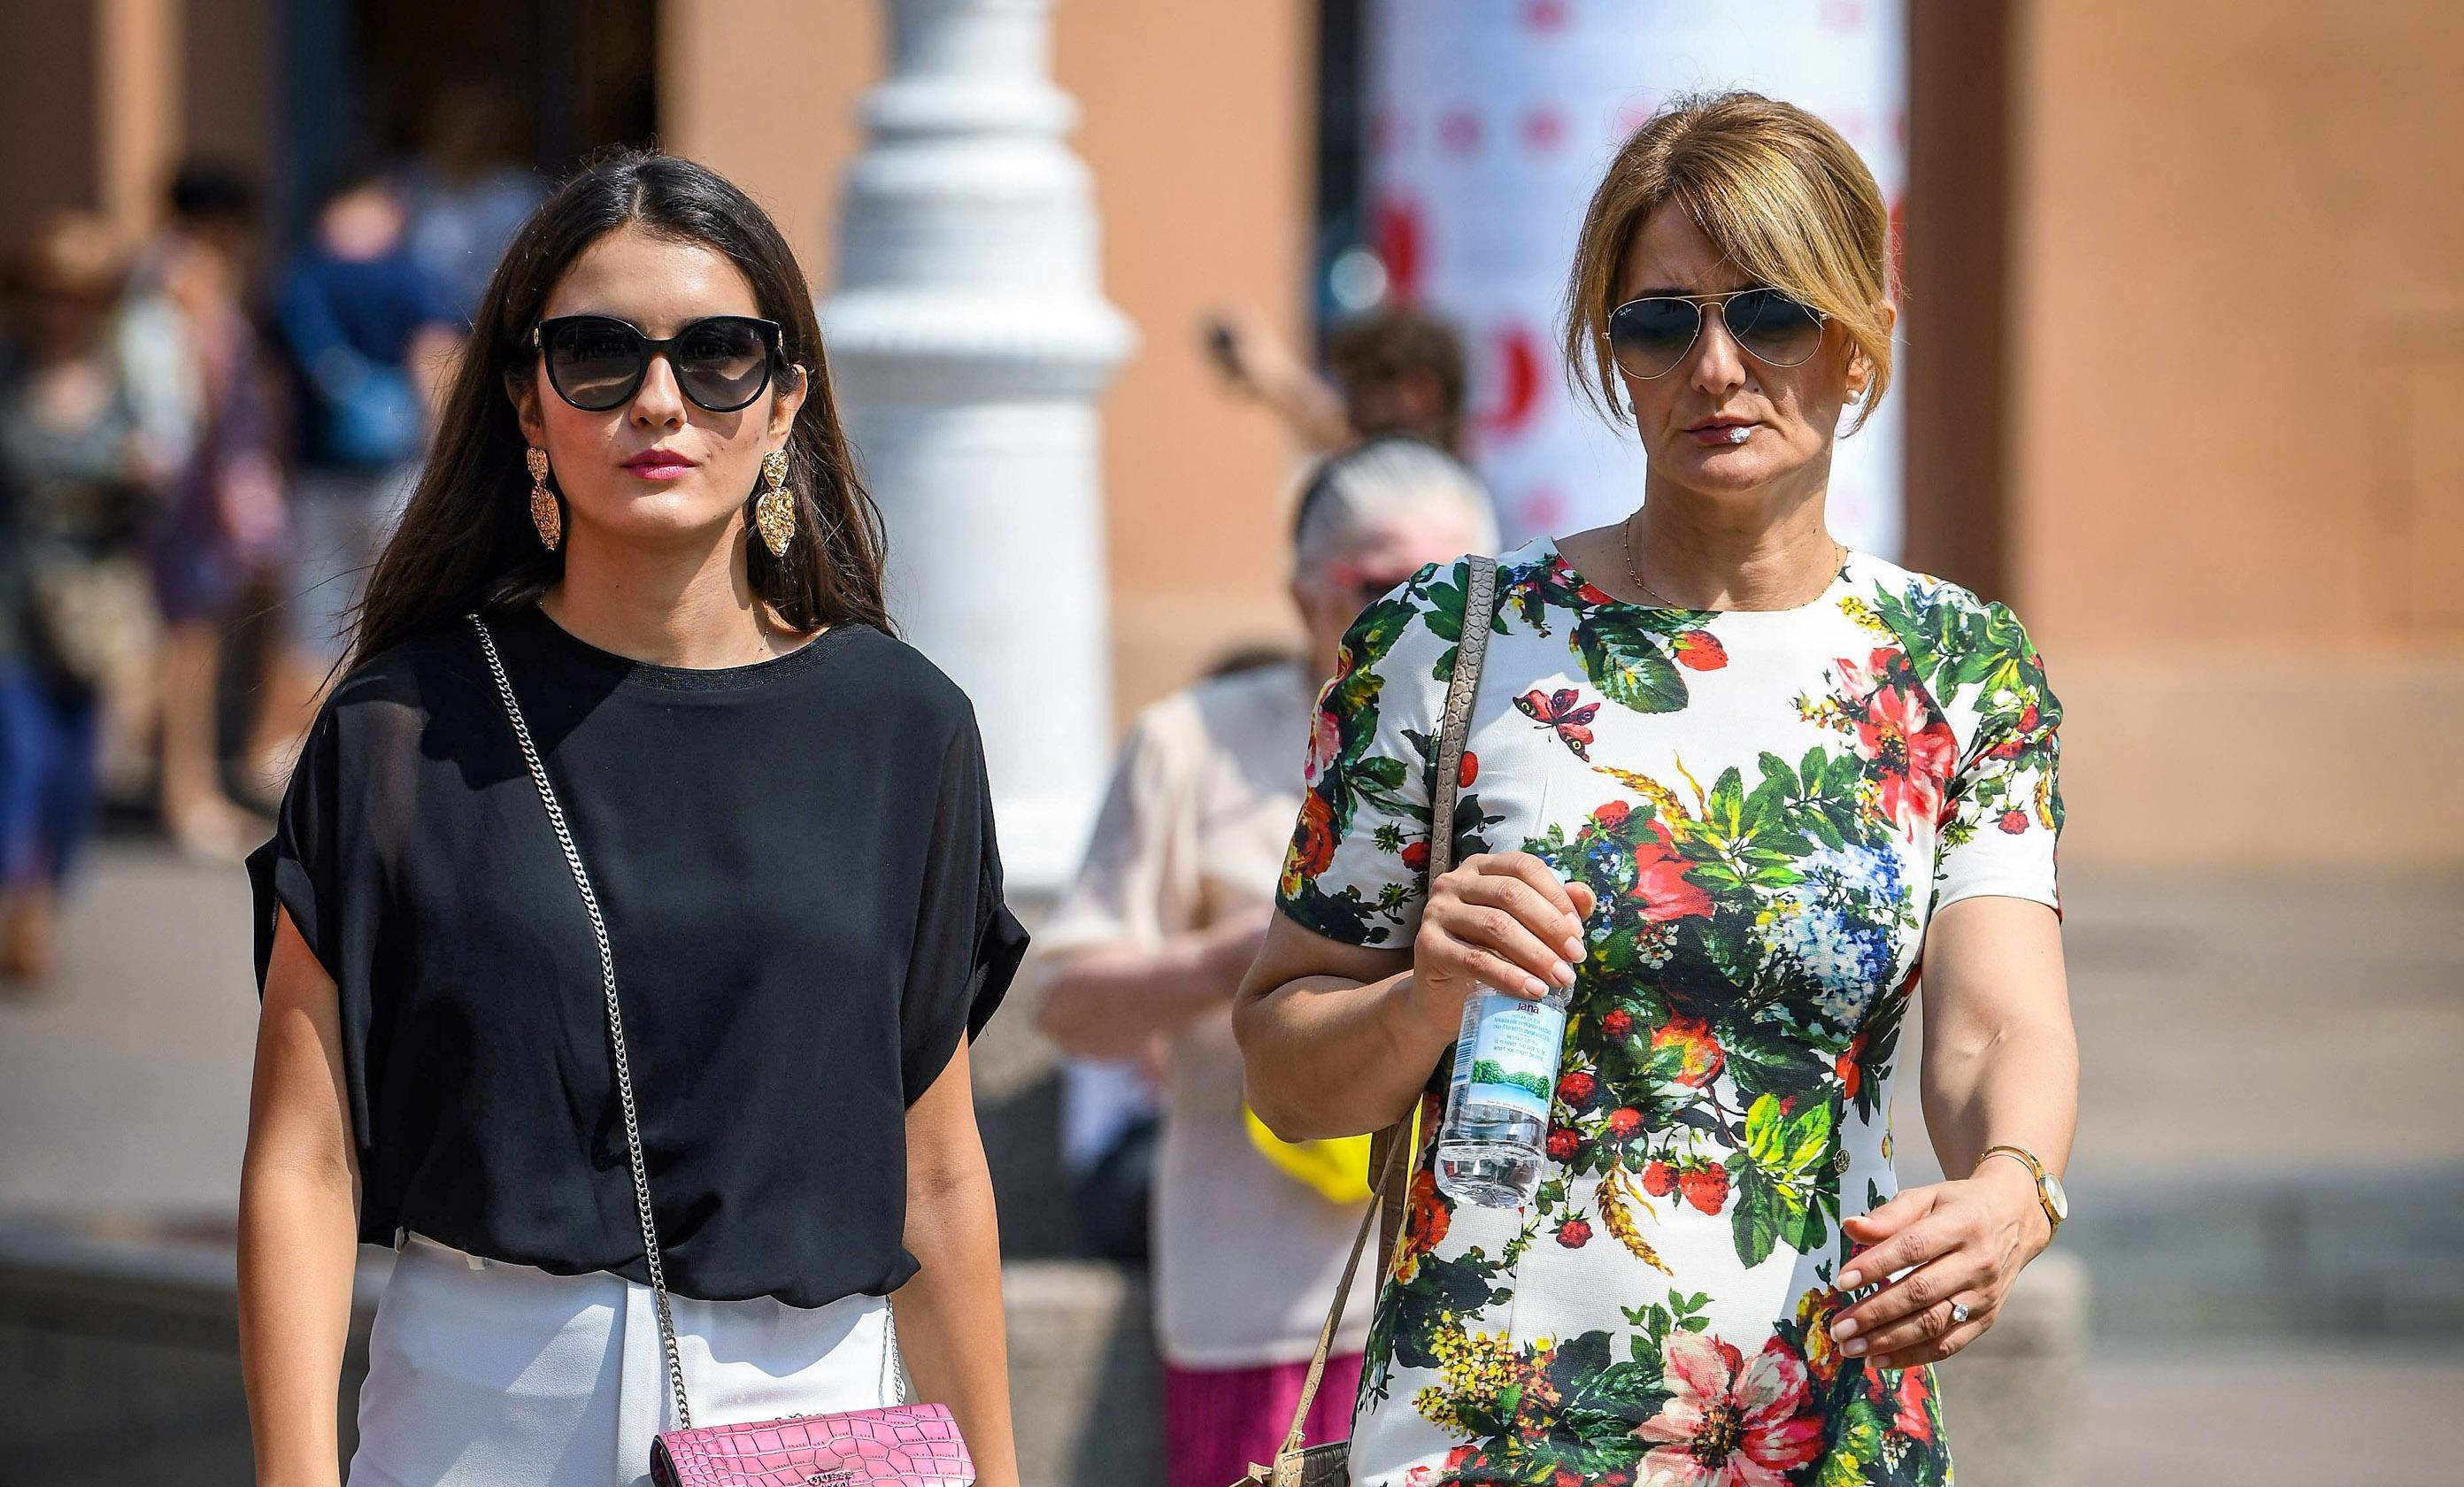 Kakva mama, takva kći: Stylish duo prošetao glavnim trgom u super izdanjima